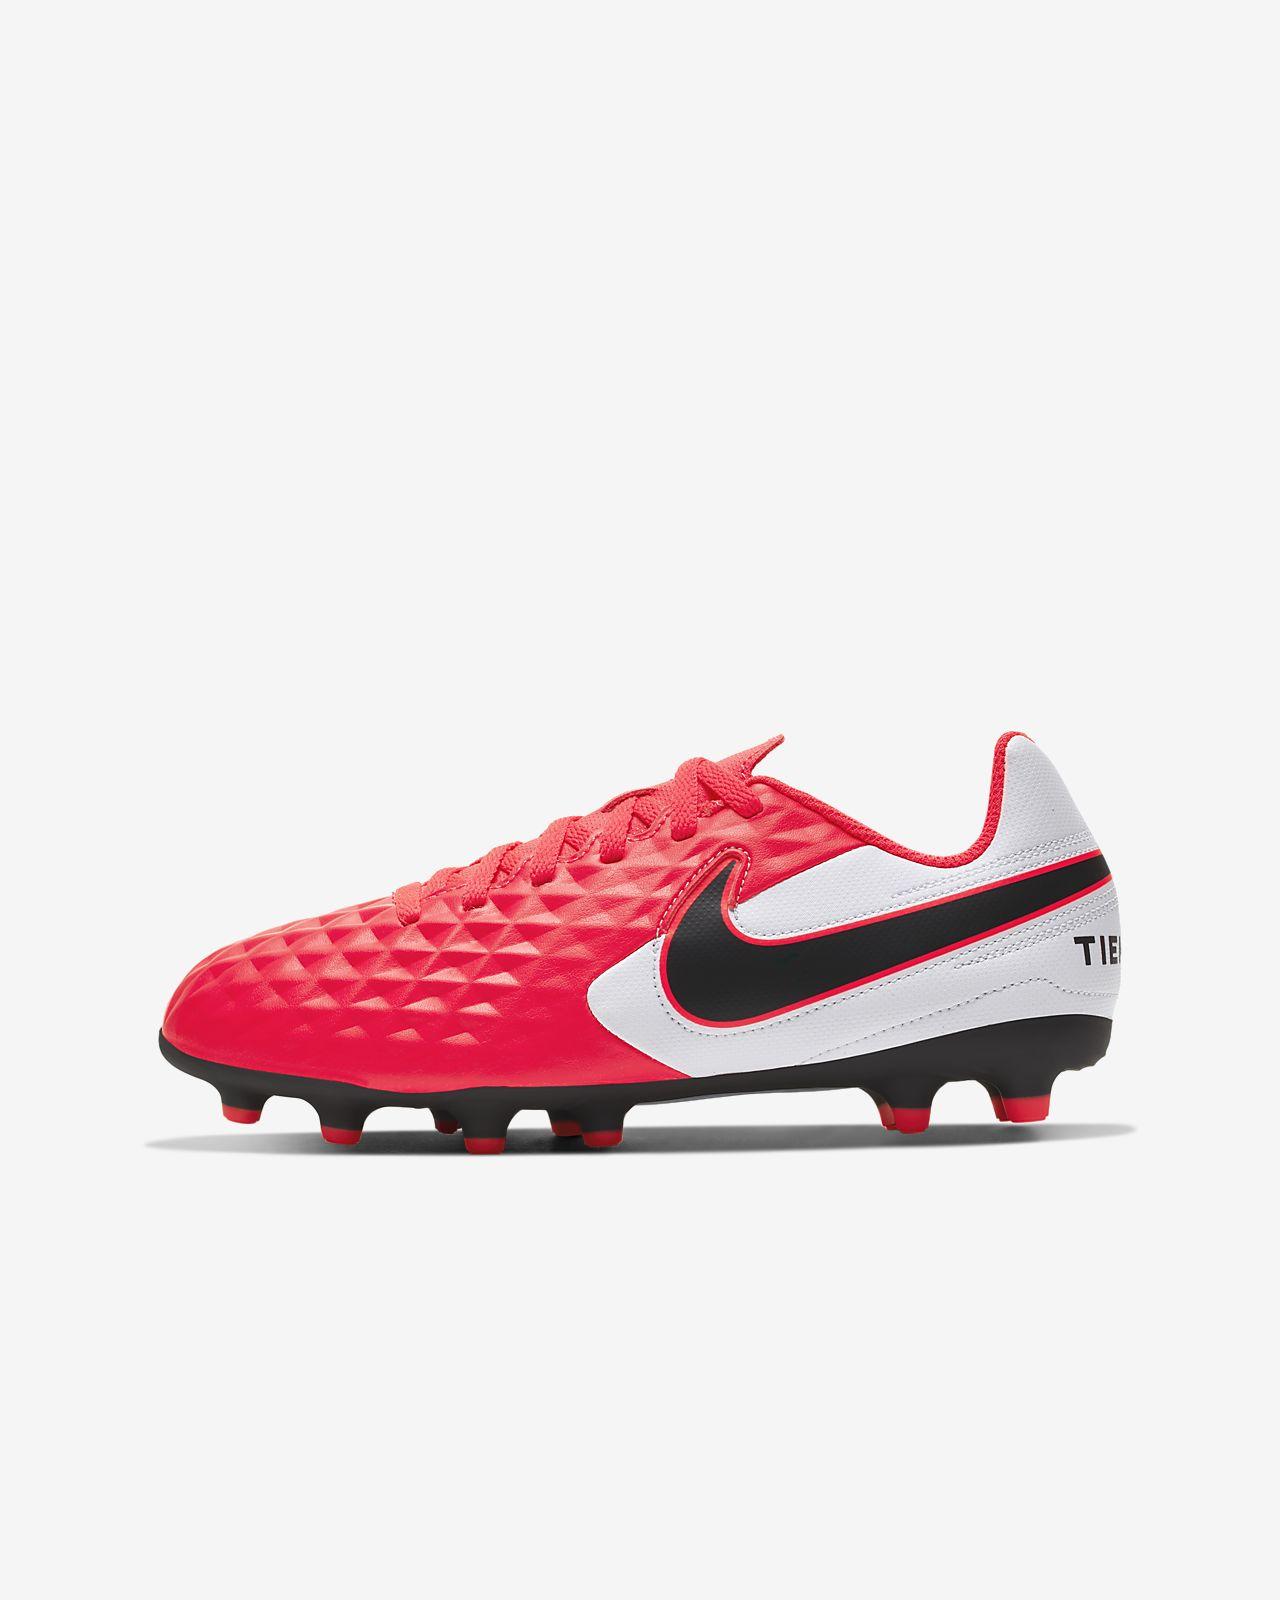 Nike JR LEGEND 7 CLUB FG scarpe calcio bambino Tiempo NERO